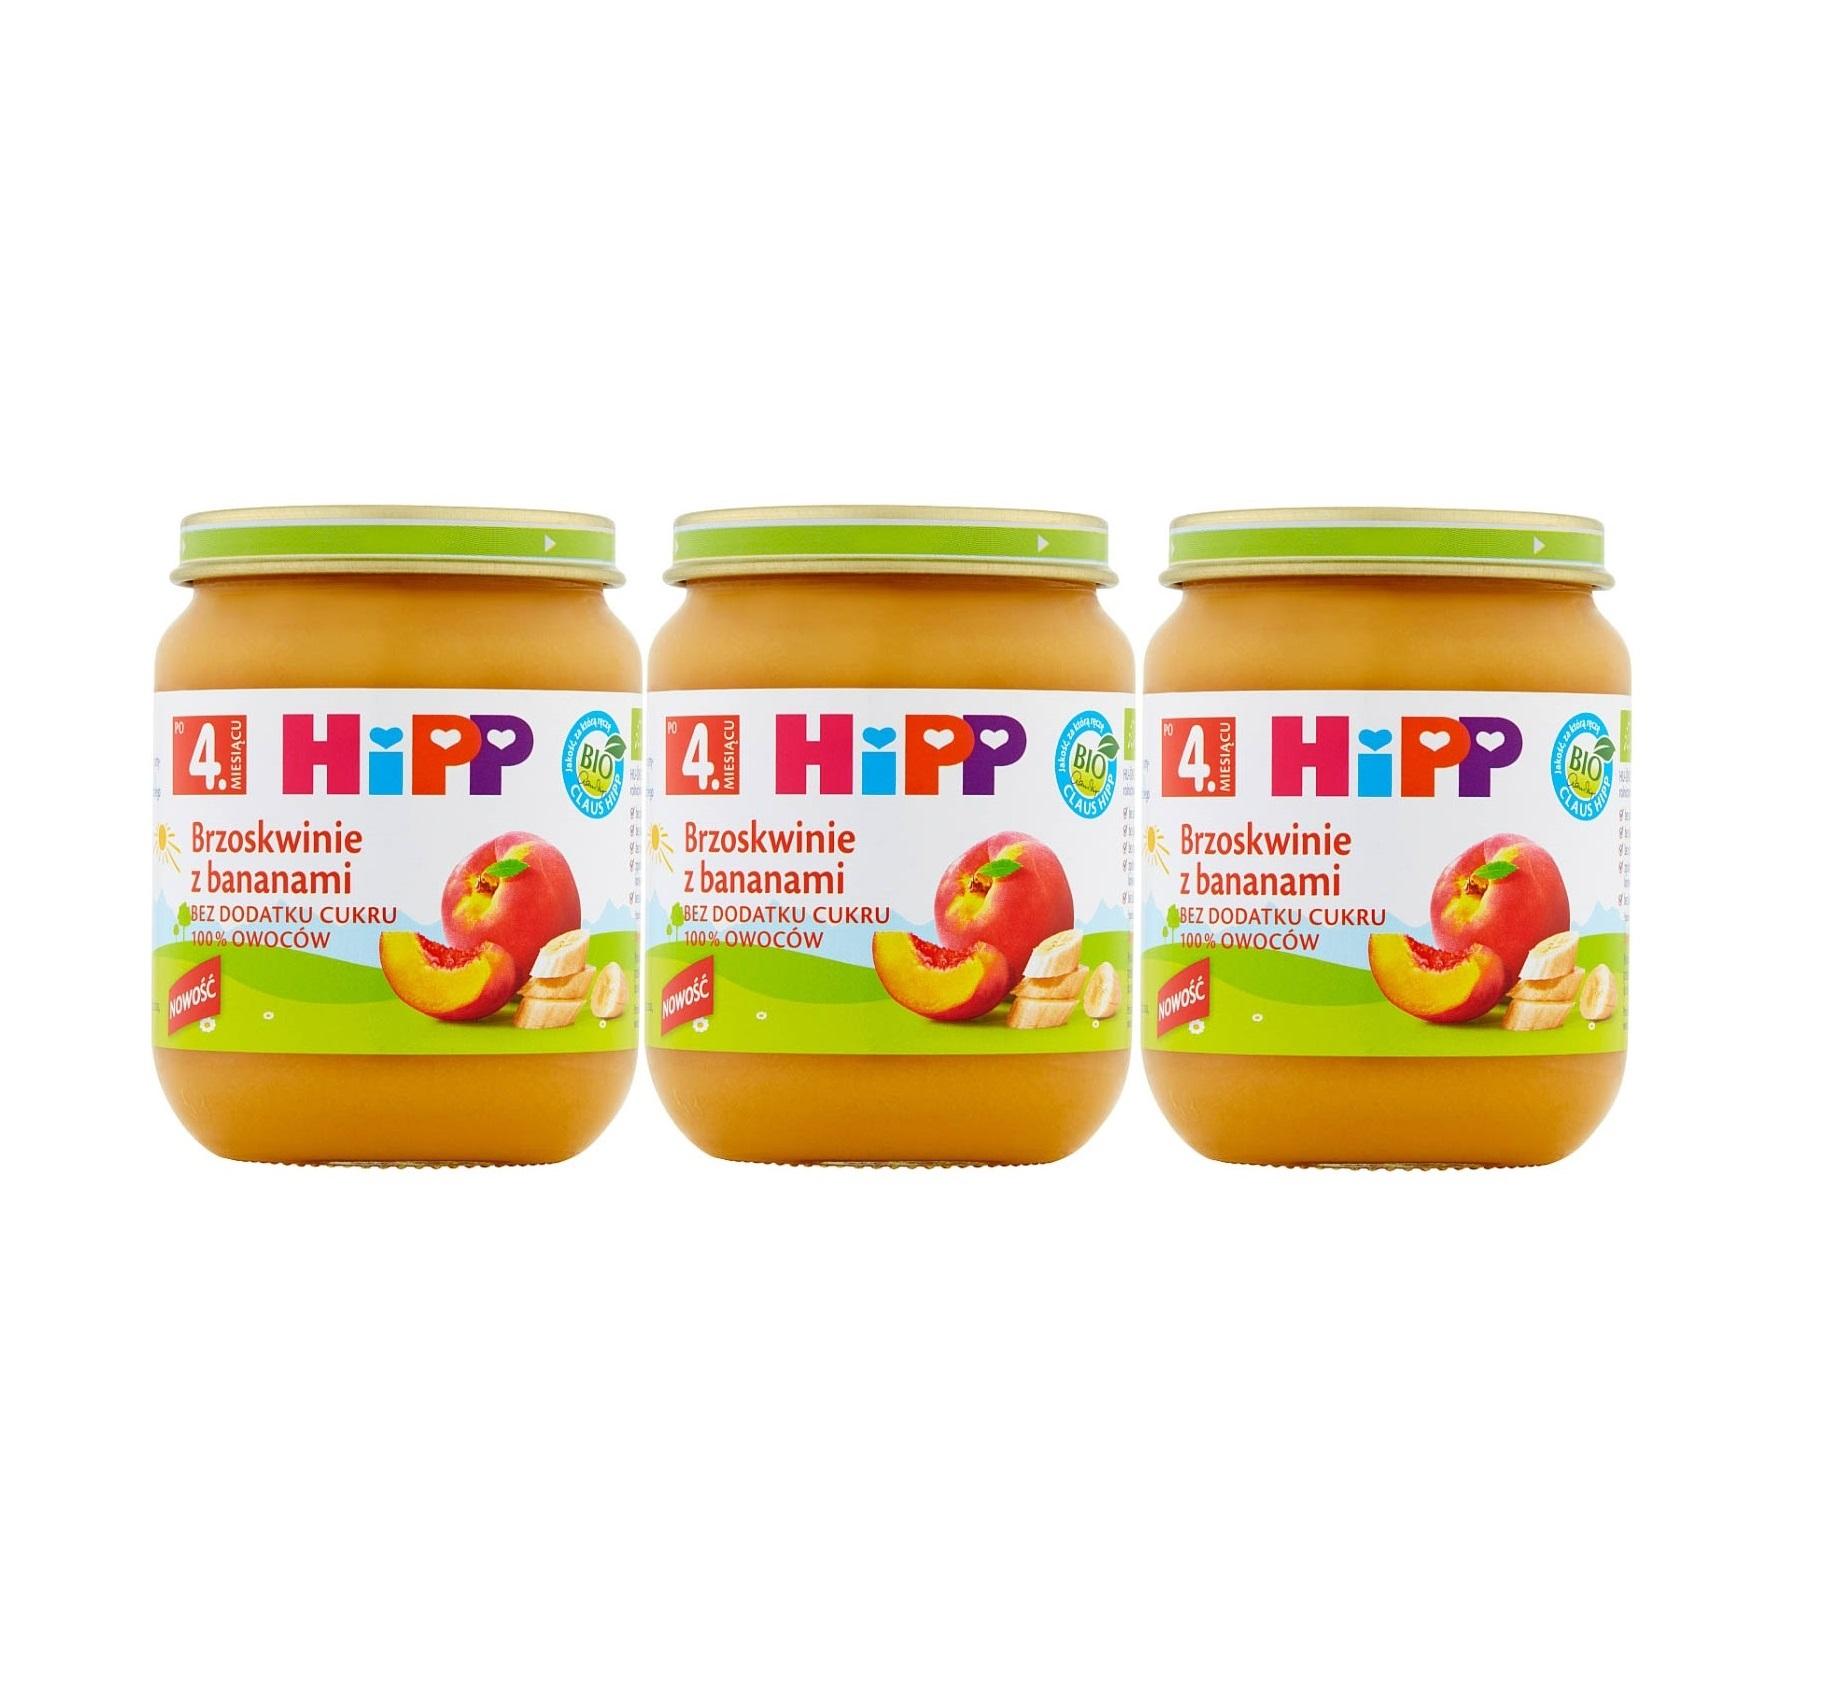 3 pak hipp 125 brzoskwinie z bananami